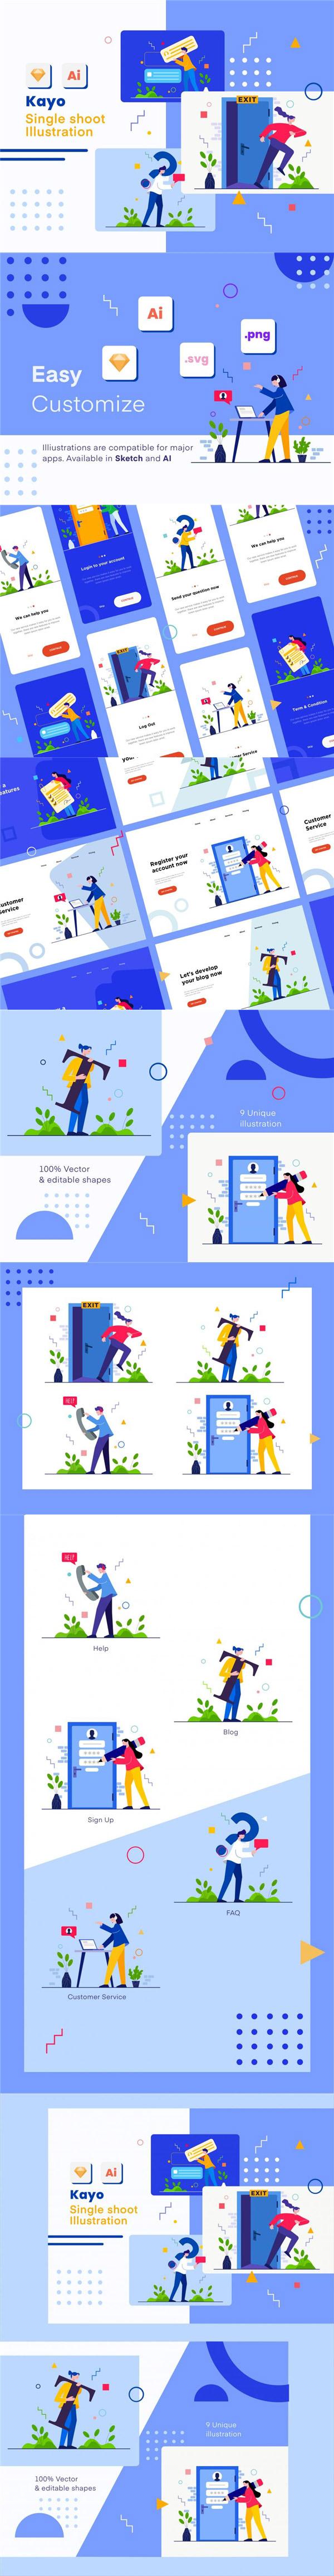 商业场景插画